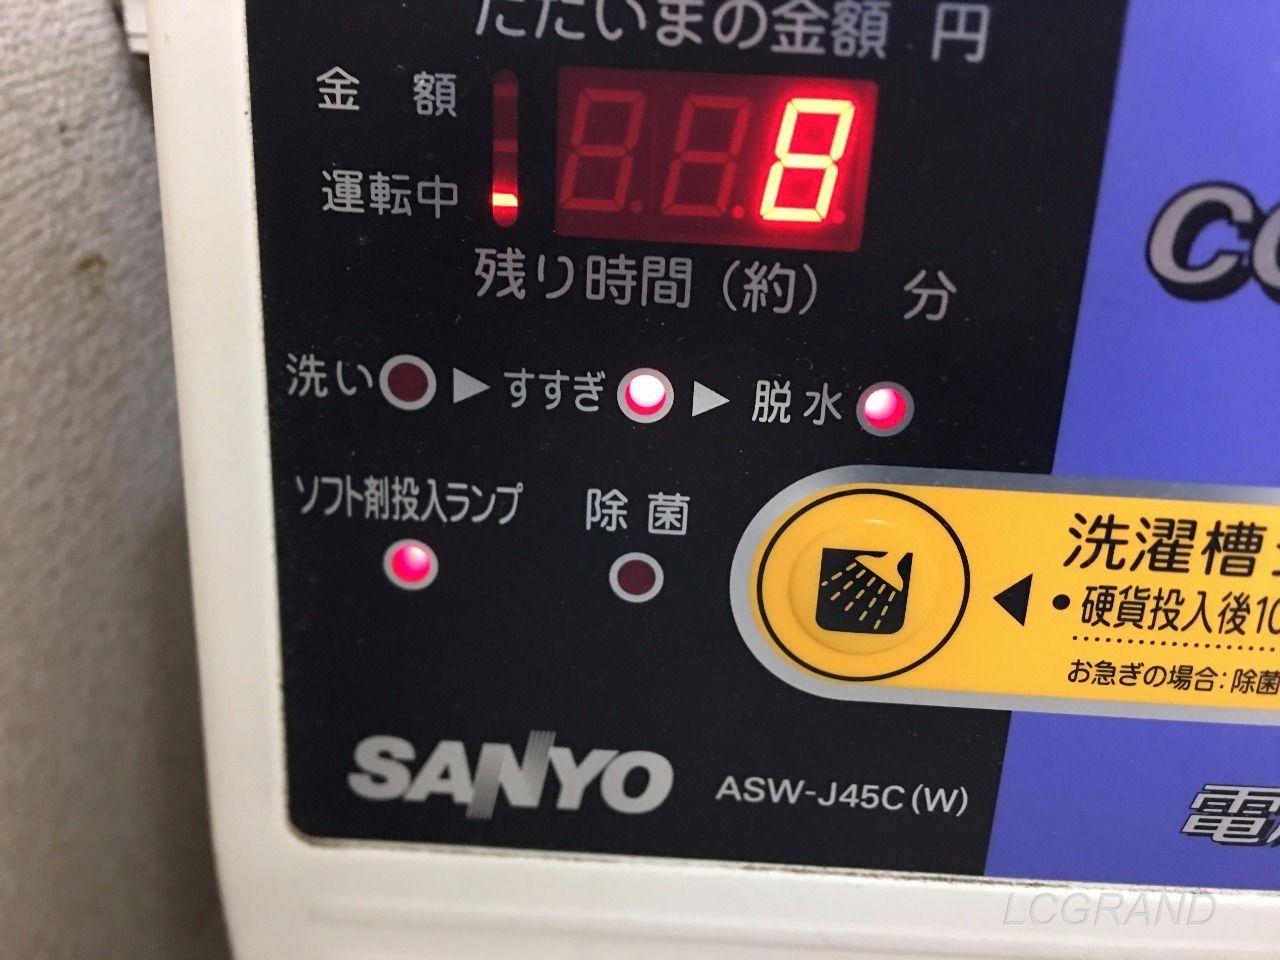 洗濯機の表示部にある《ソフト剤投入》ランプが光ったので今回用意したフレアフレグランスを投入しました。